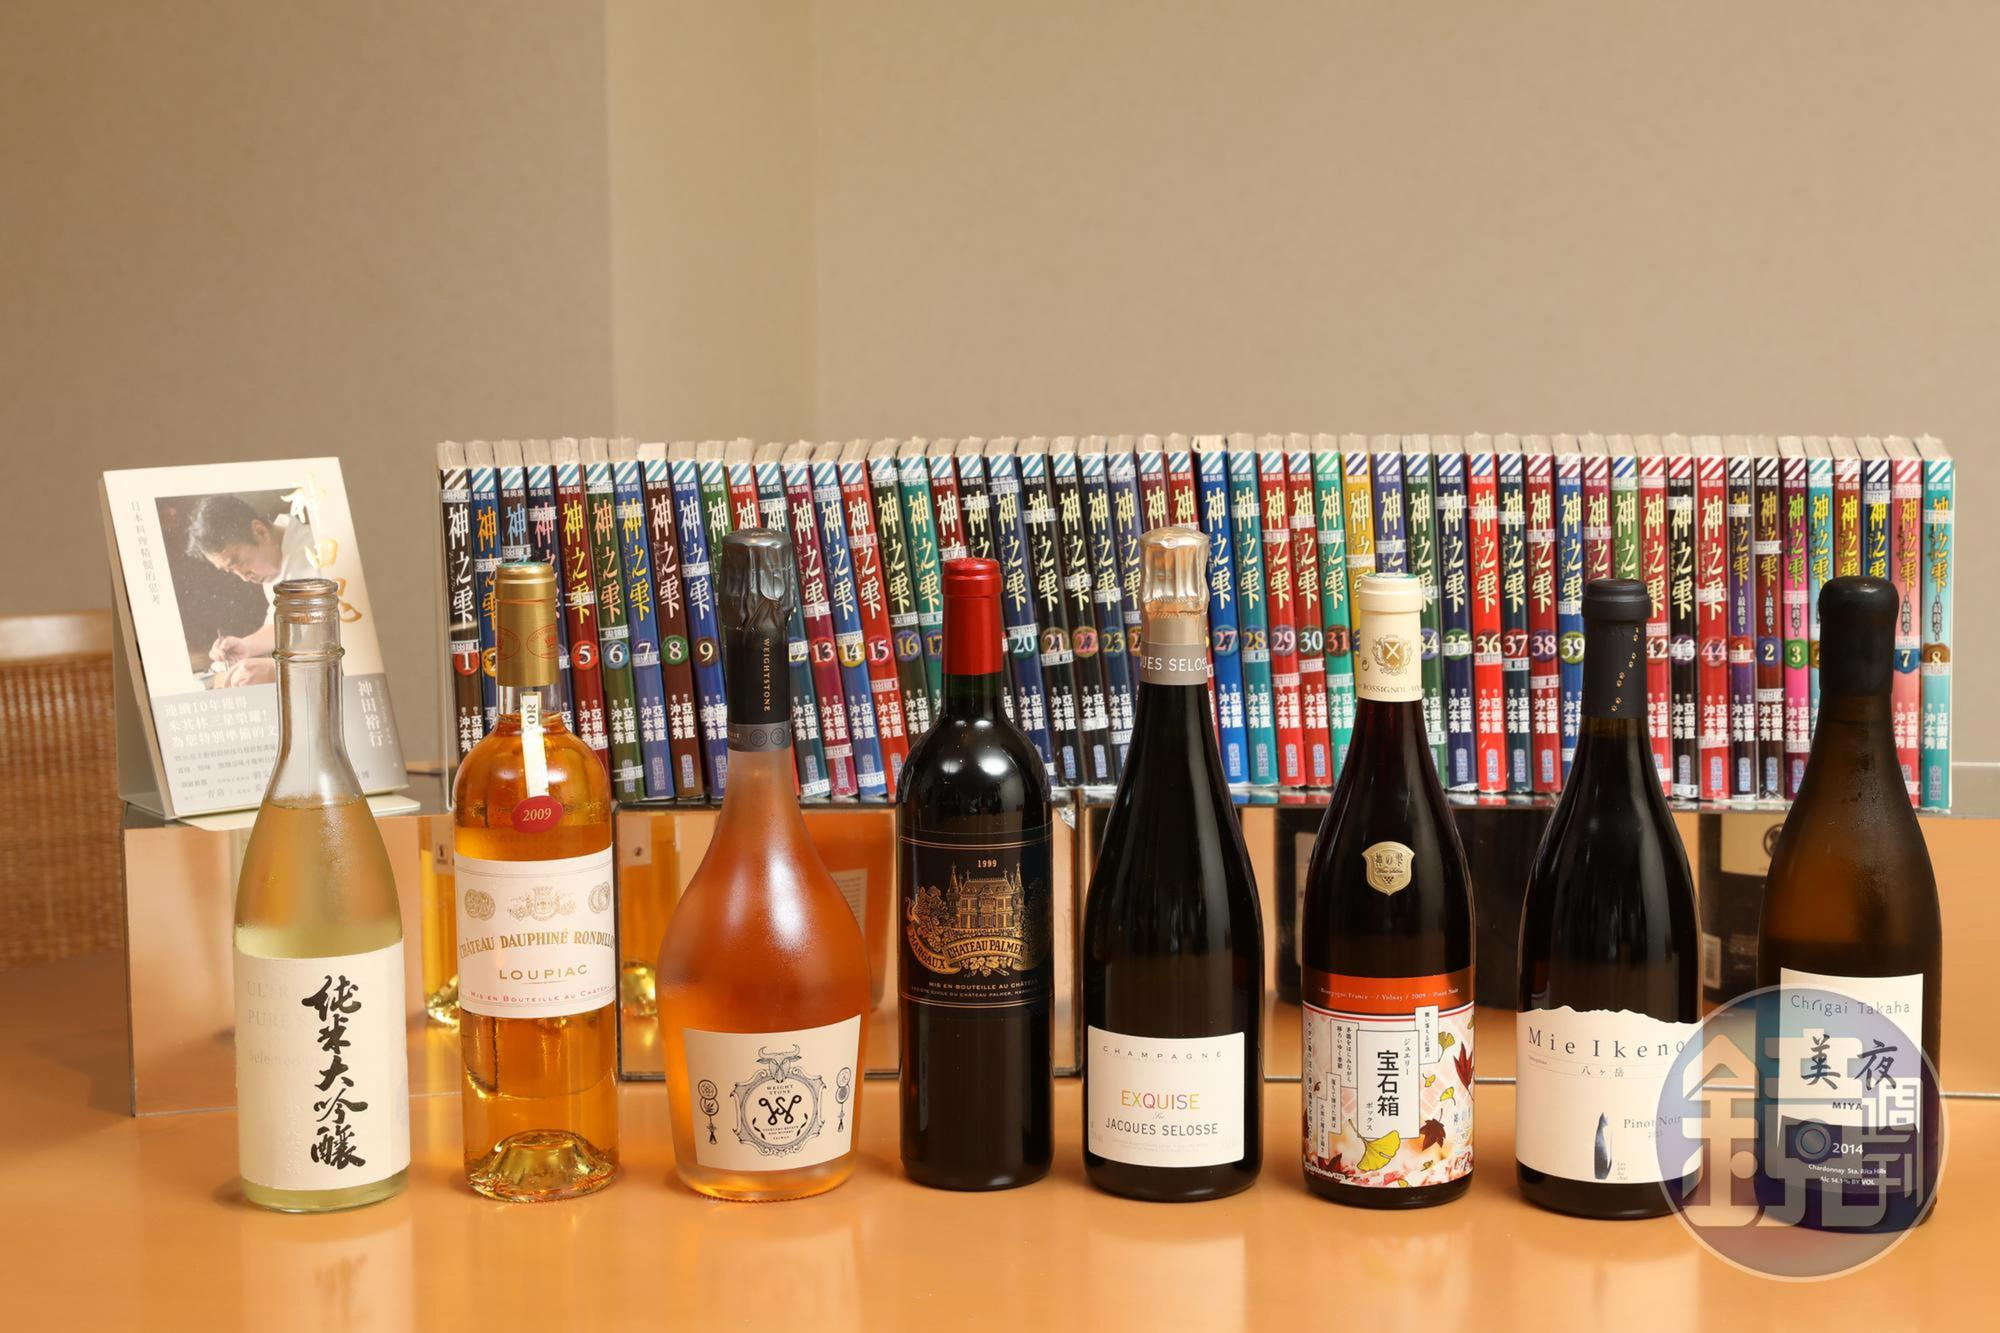 《神之雫》酒款搭配日本名廚神田裕行的料理,為全球首見的難得盛宴。